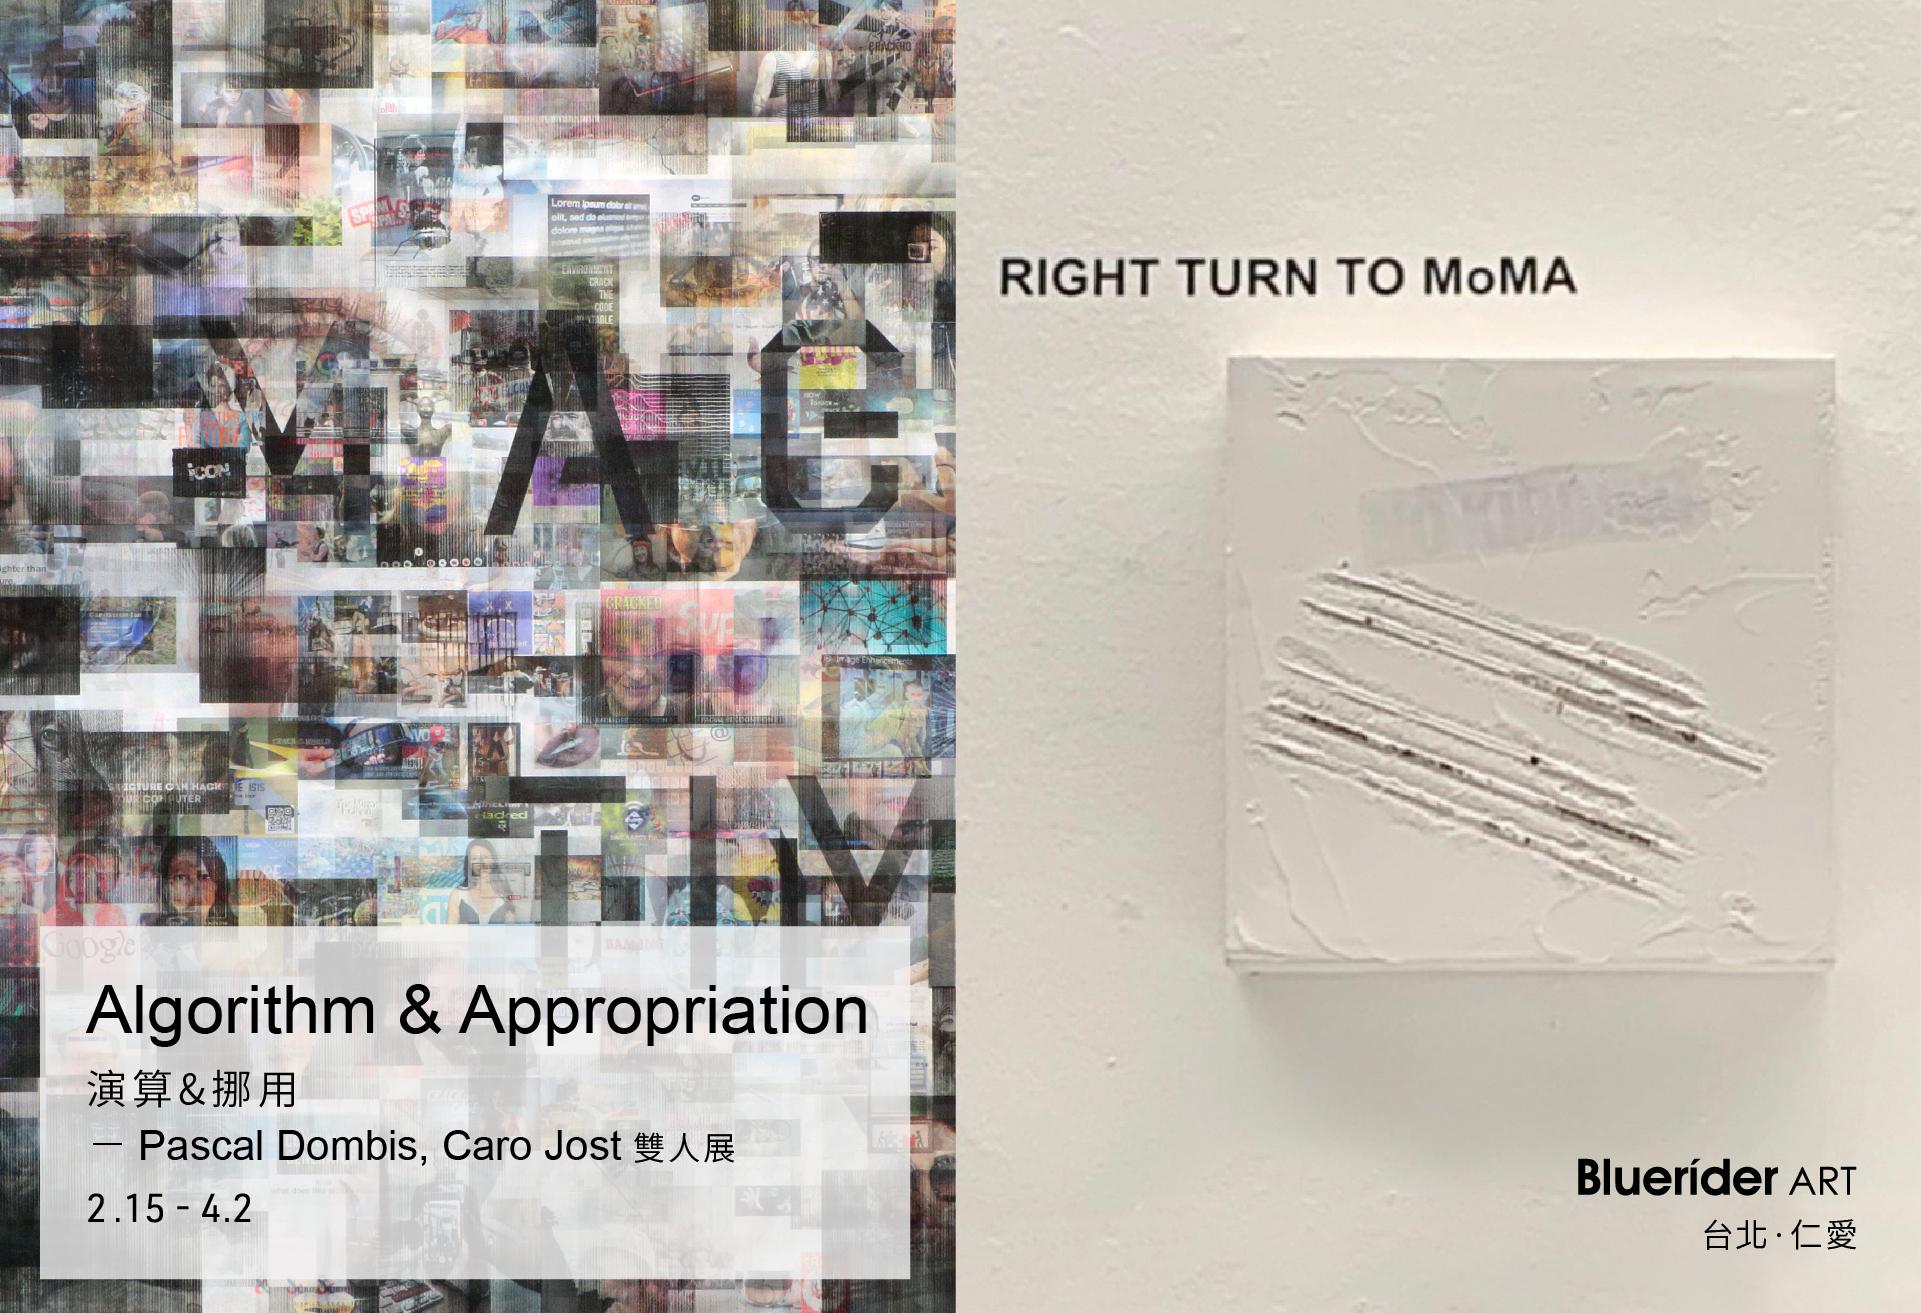 【台北·仁愛】  Algorithm & Appropriation 演算 & 挪用-Pascal Dombis, Caro Jost雙人展  2.15 – 4.2,2020